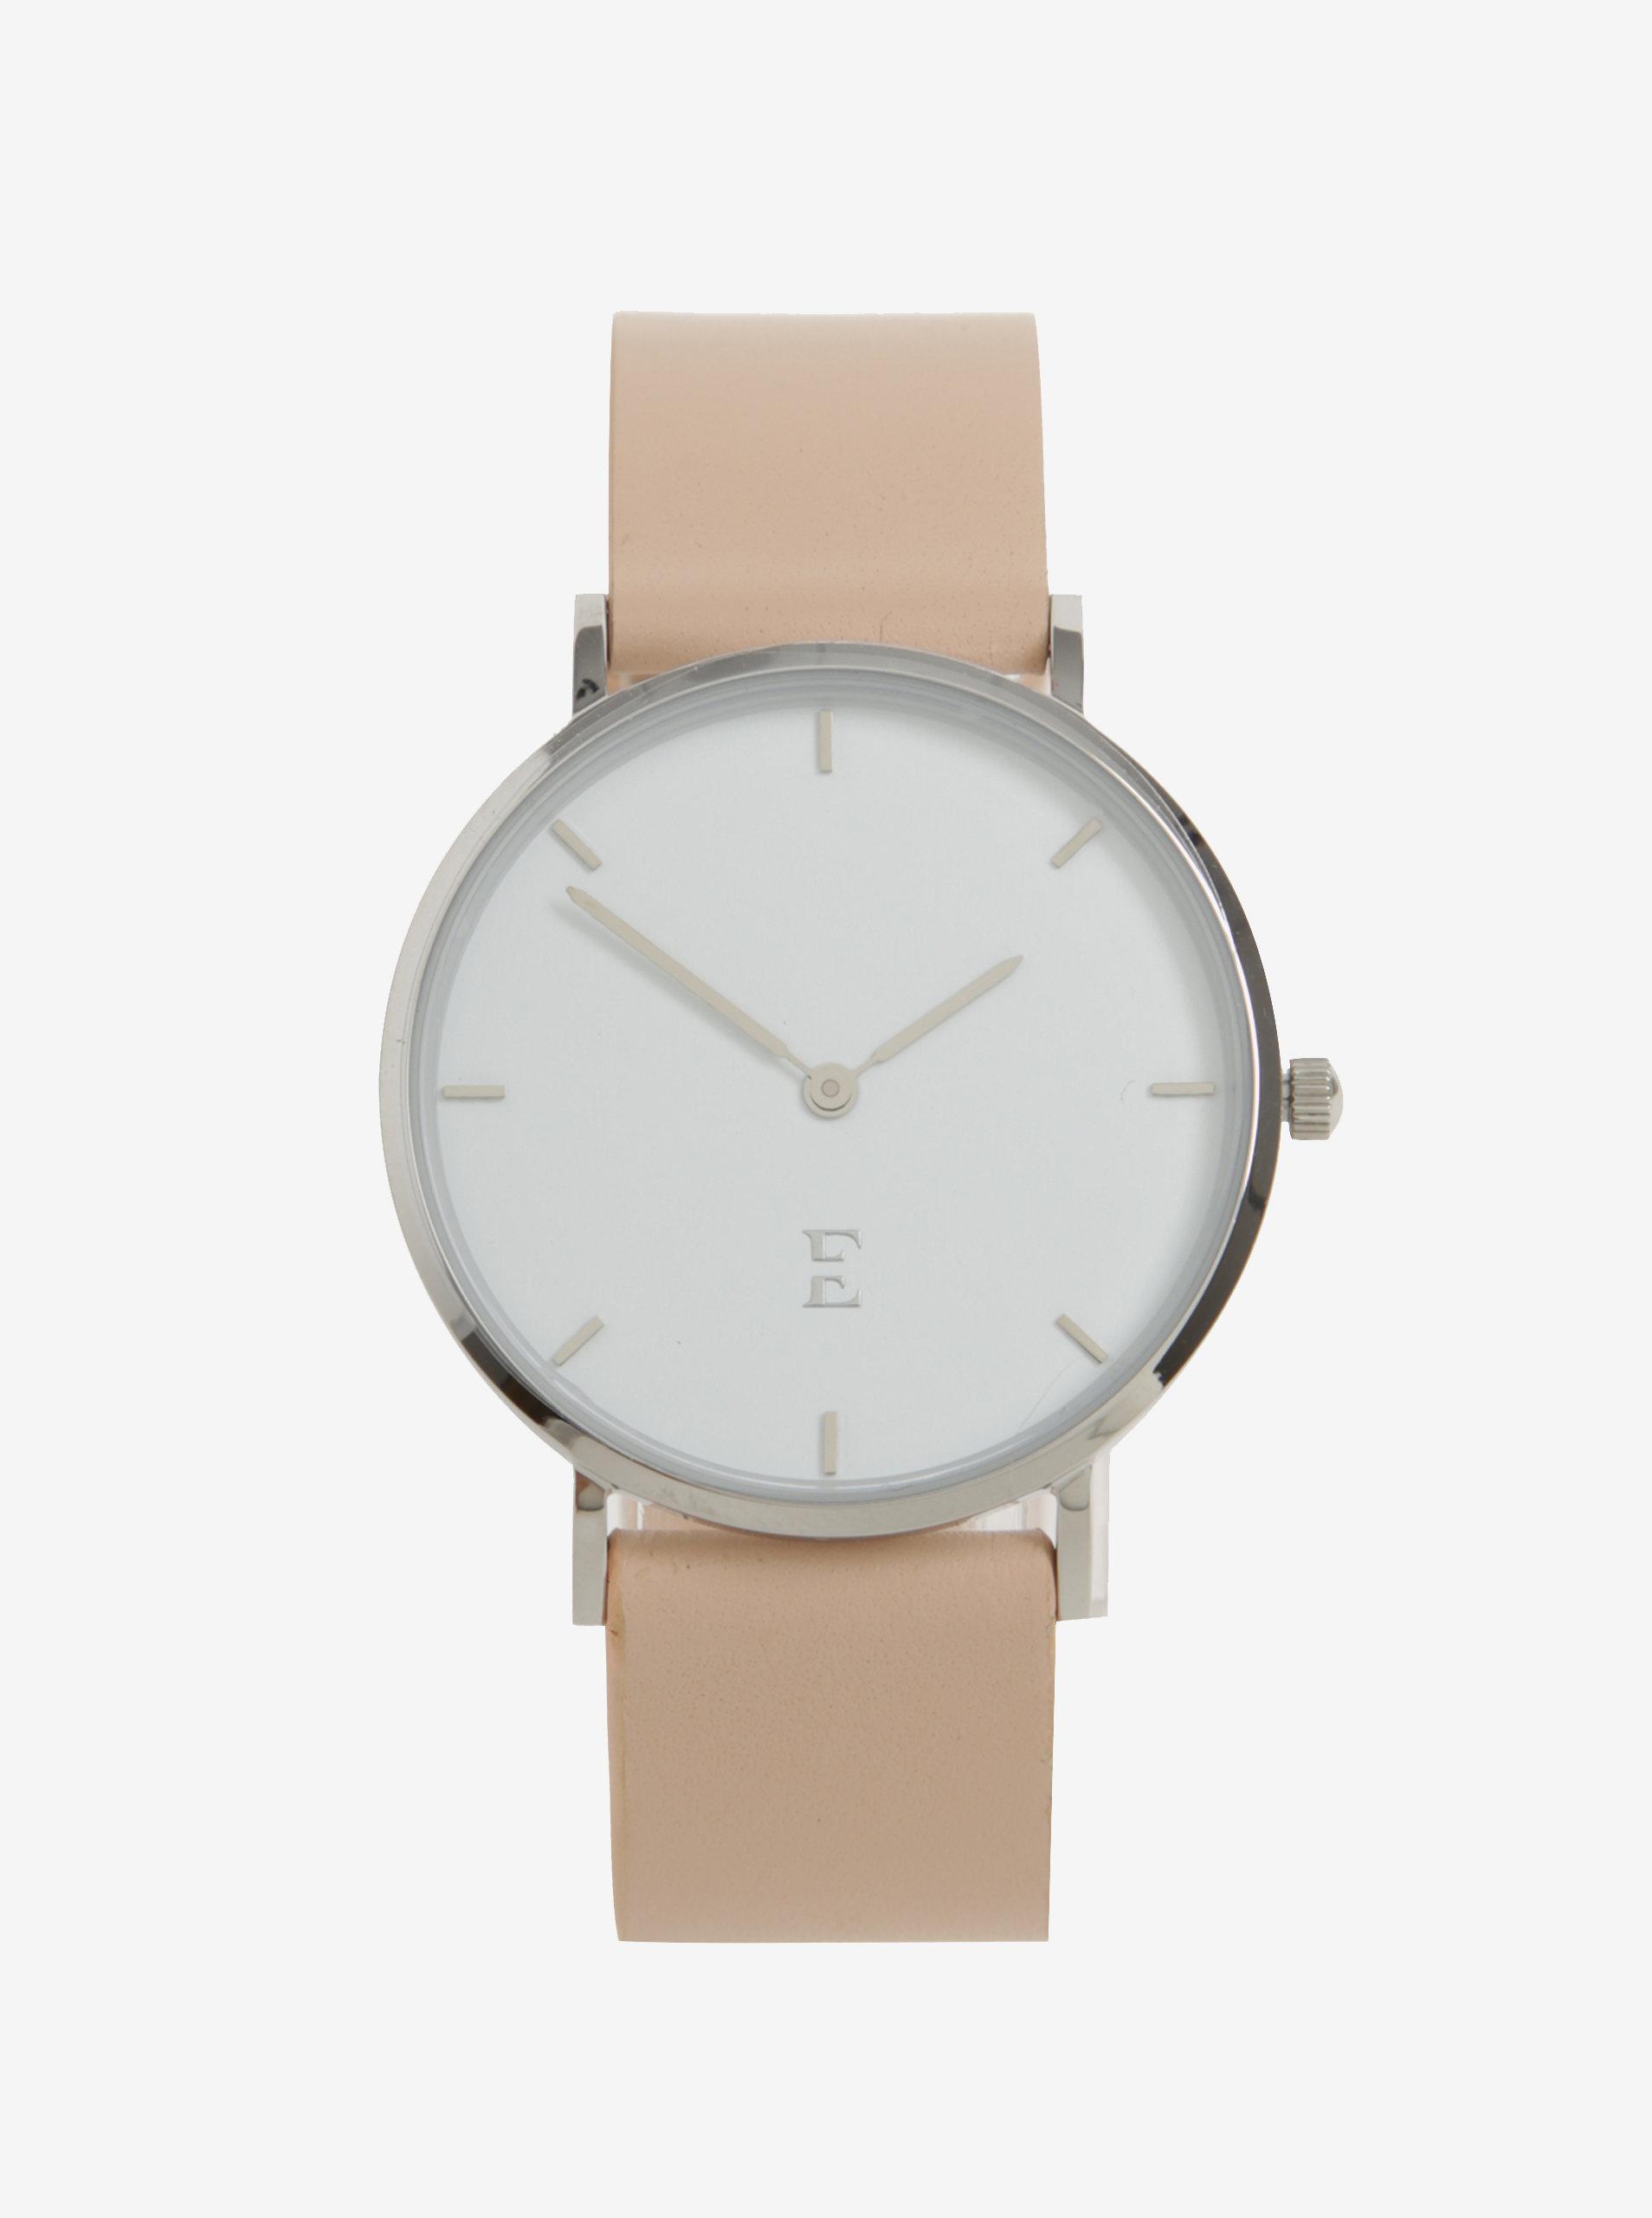 Dámske hodinky v striebornej farbe s koženým remienkom Esoria Alys ... 964056d6d73